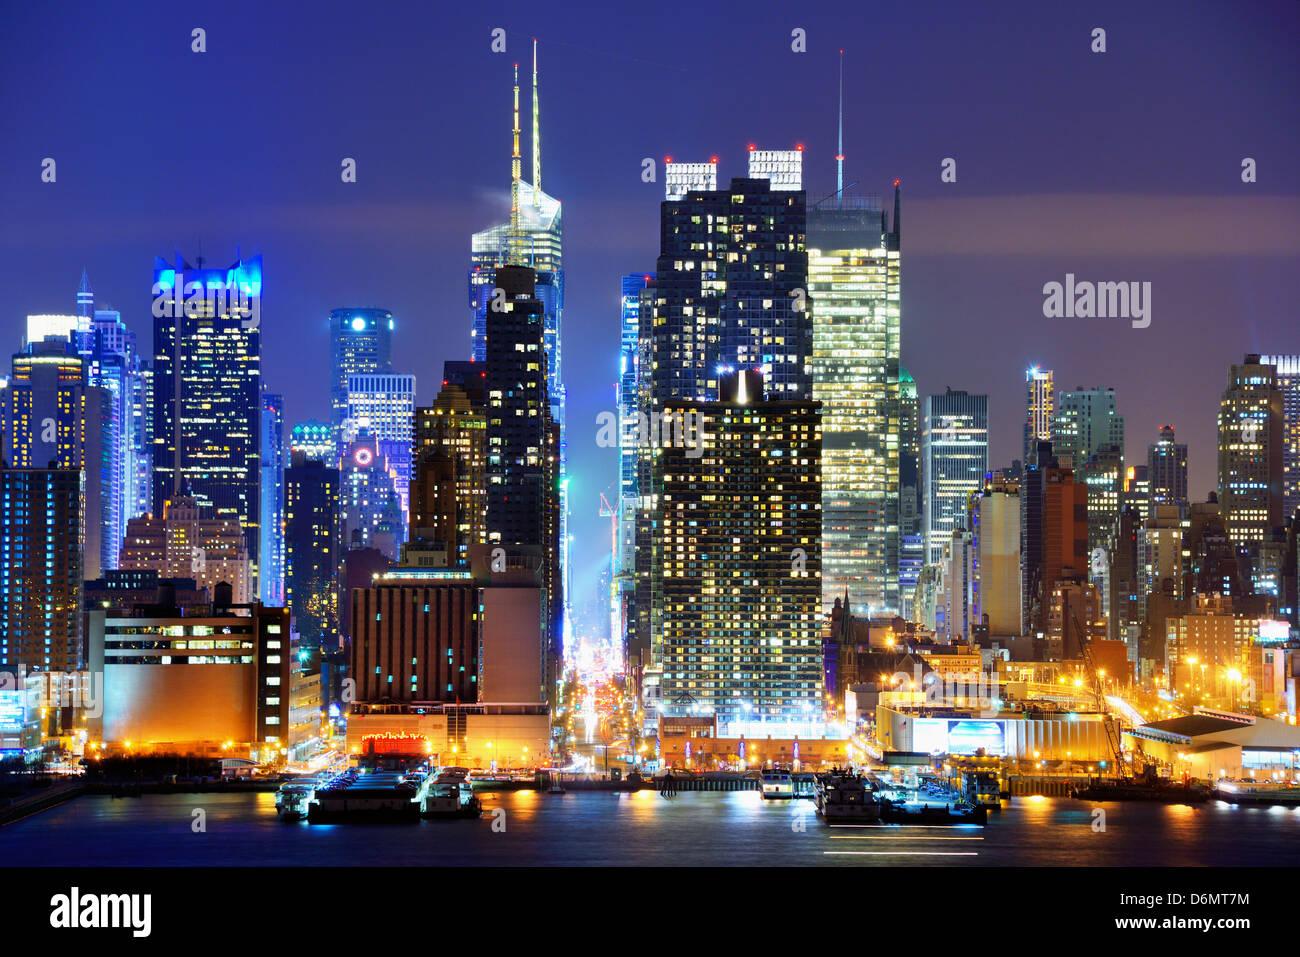 À la 42e rue de Manhattan vu de l'autre côté de la rivière Hudson à New York. Banque D'Images